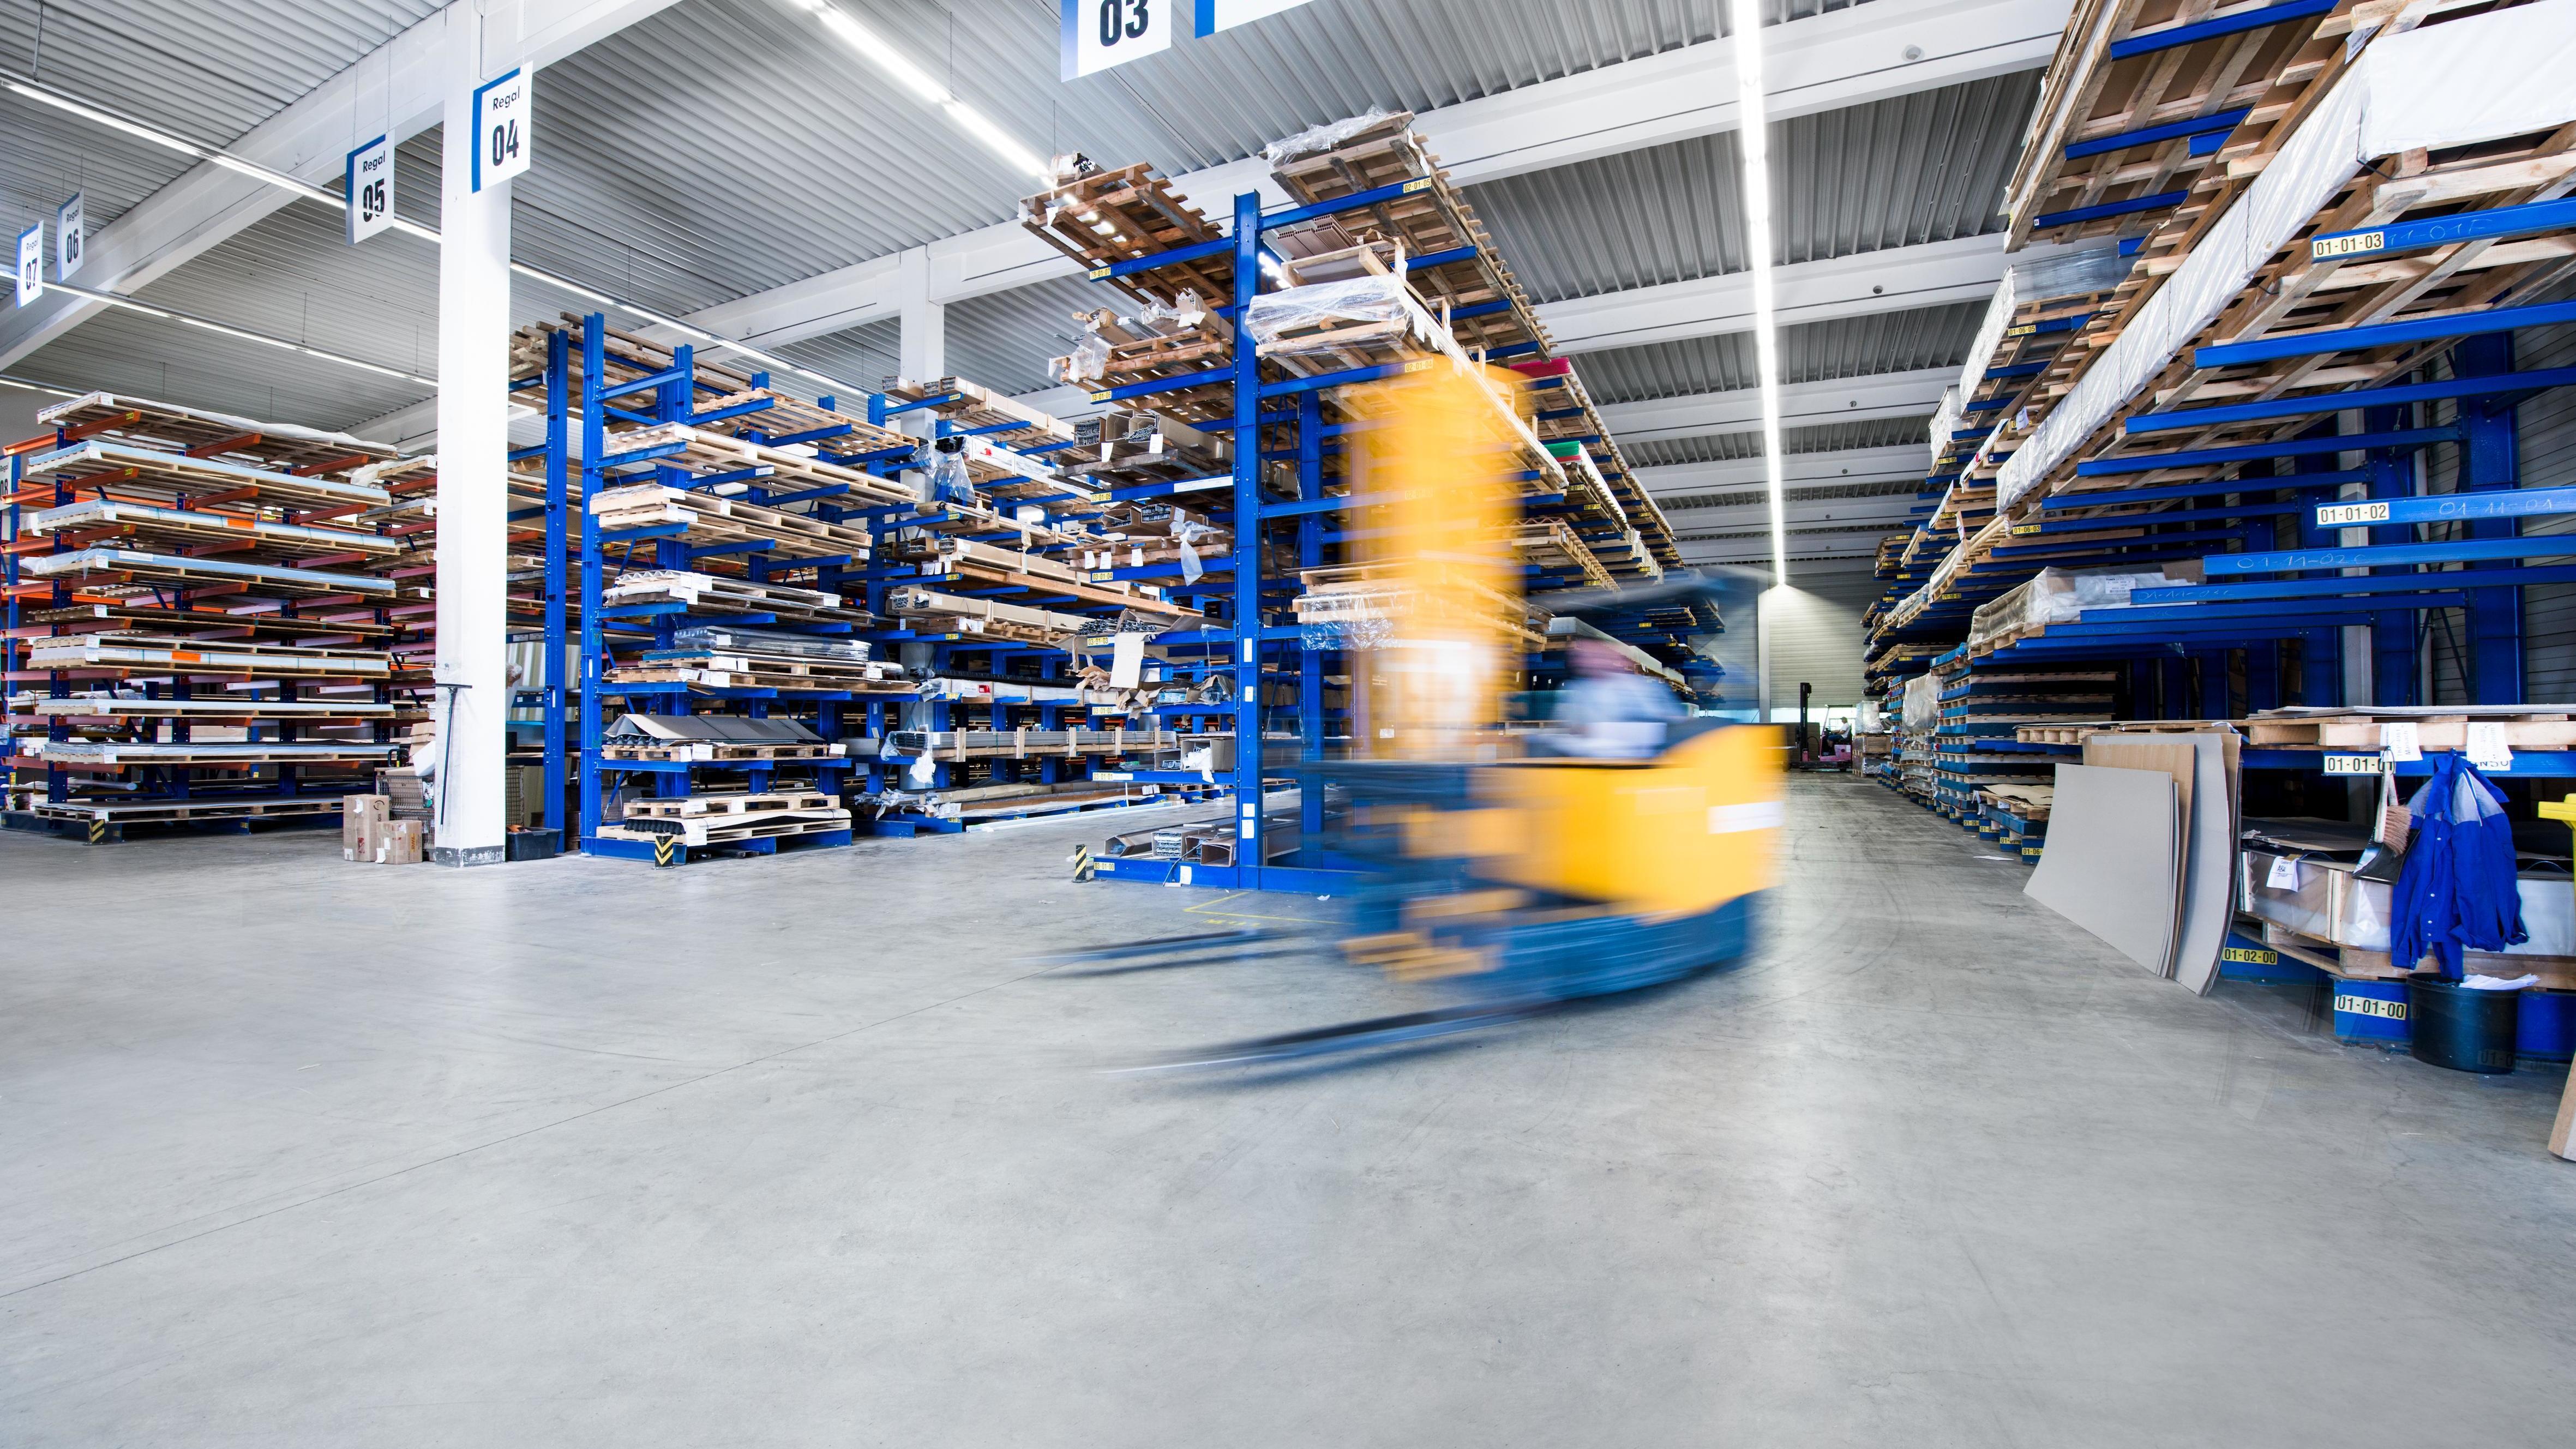 mieux vous servir - outil industriel et réseau de transport optimisé